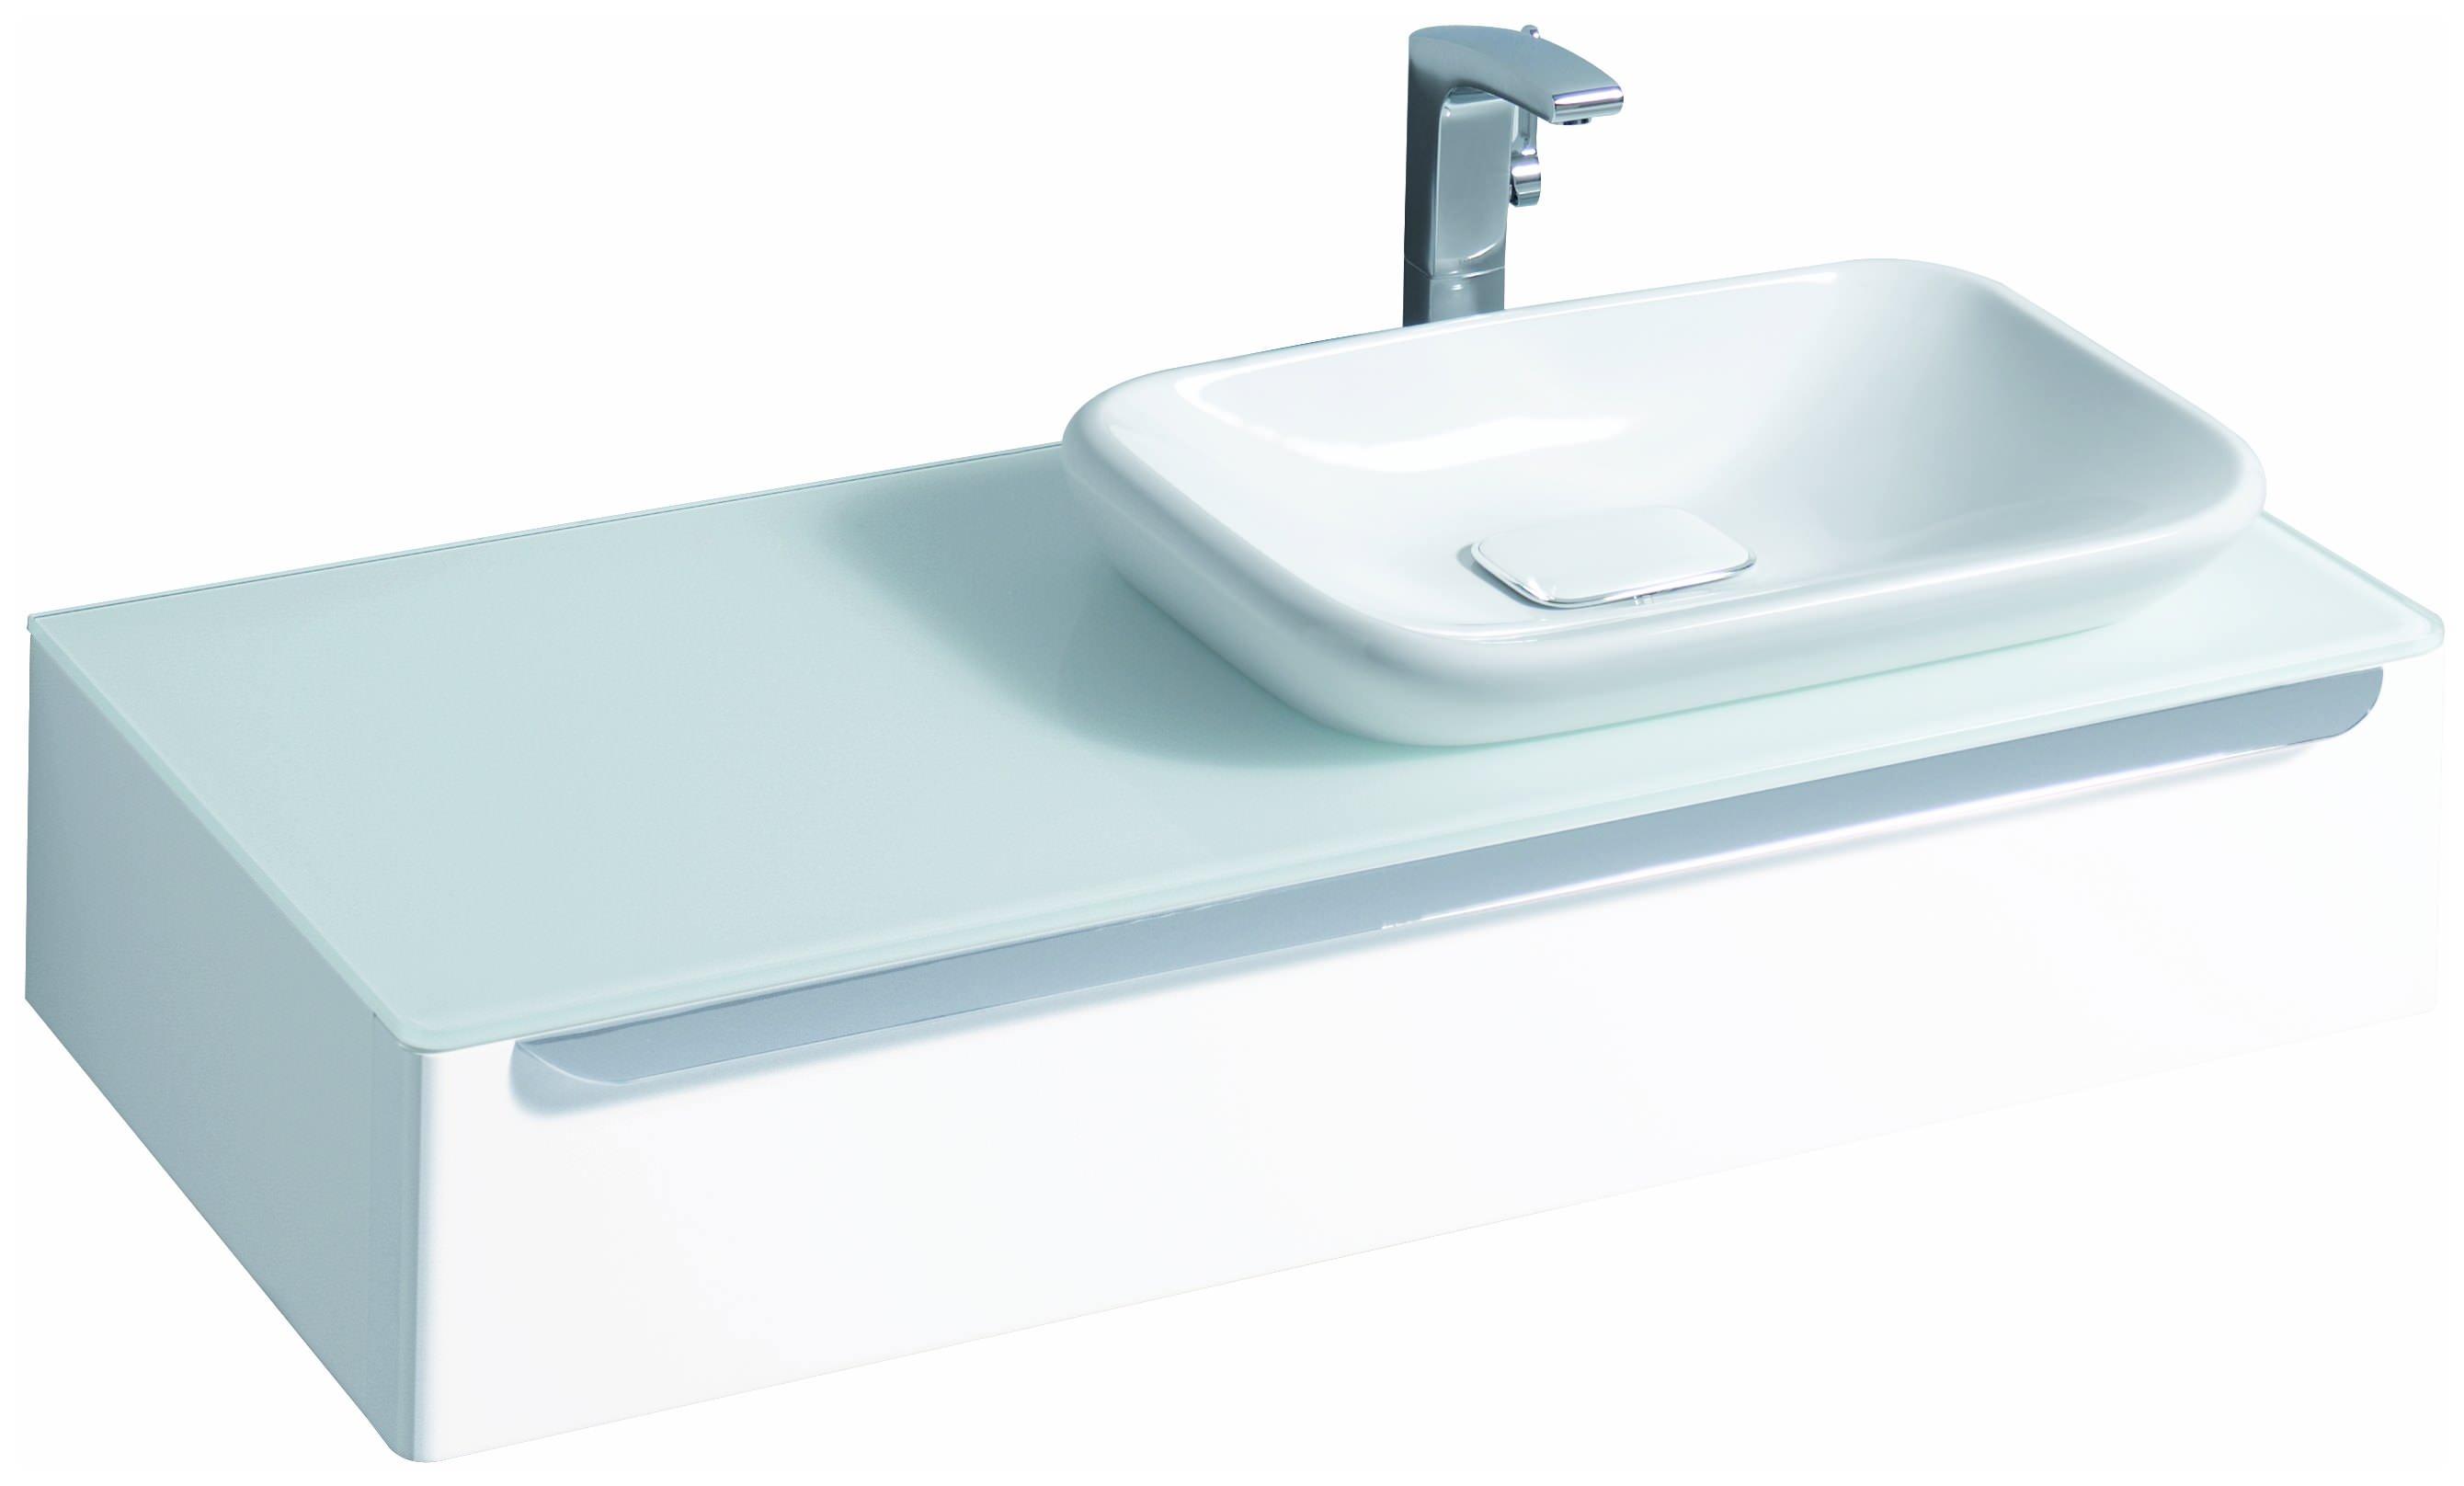 keramag myday einbauwaschtisch ohne berlauf 600mm x 126x390mm wei alpin waschtische. Black Bedroom Furniture Sets. Home Design Ideas